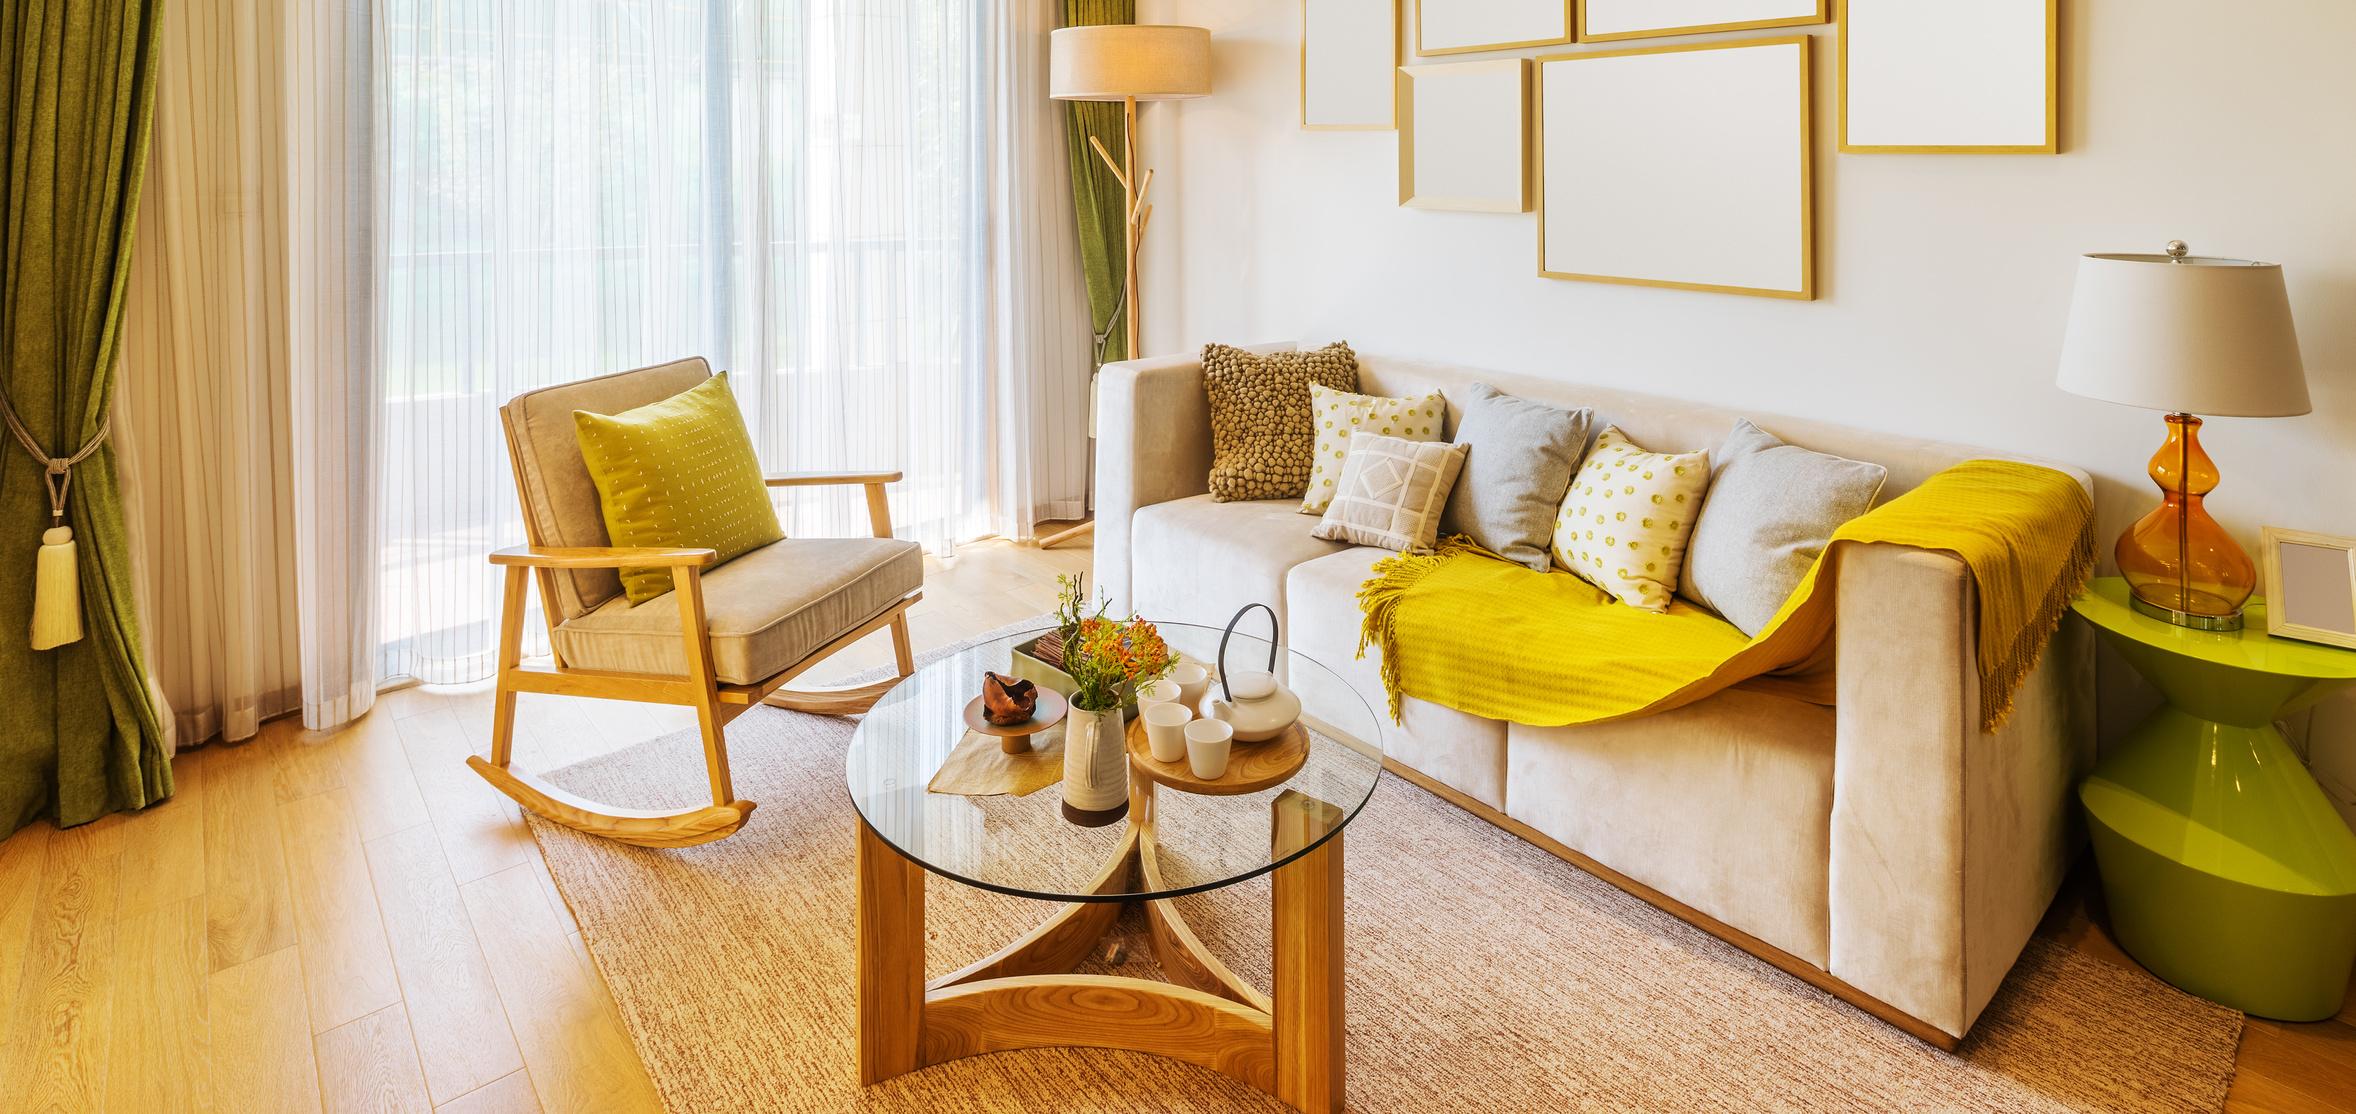 Apartament 2 camere CALYPSO